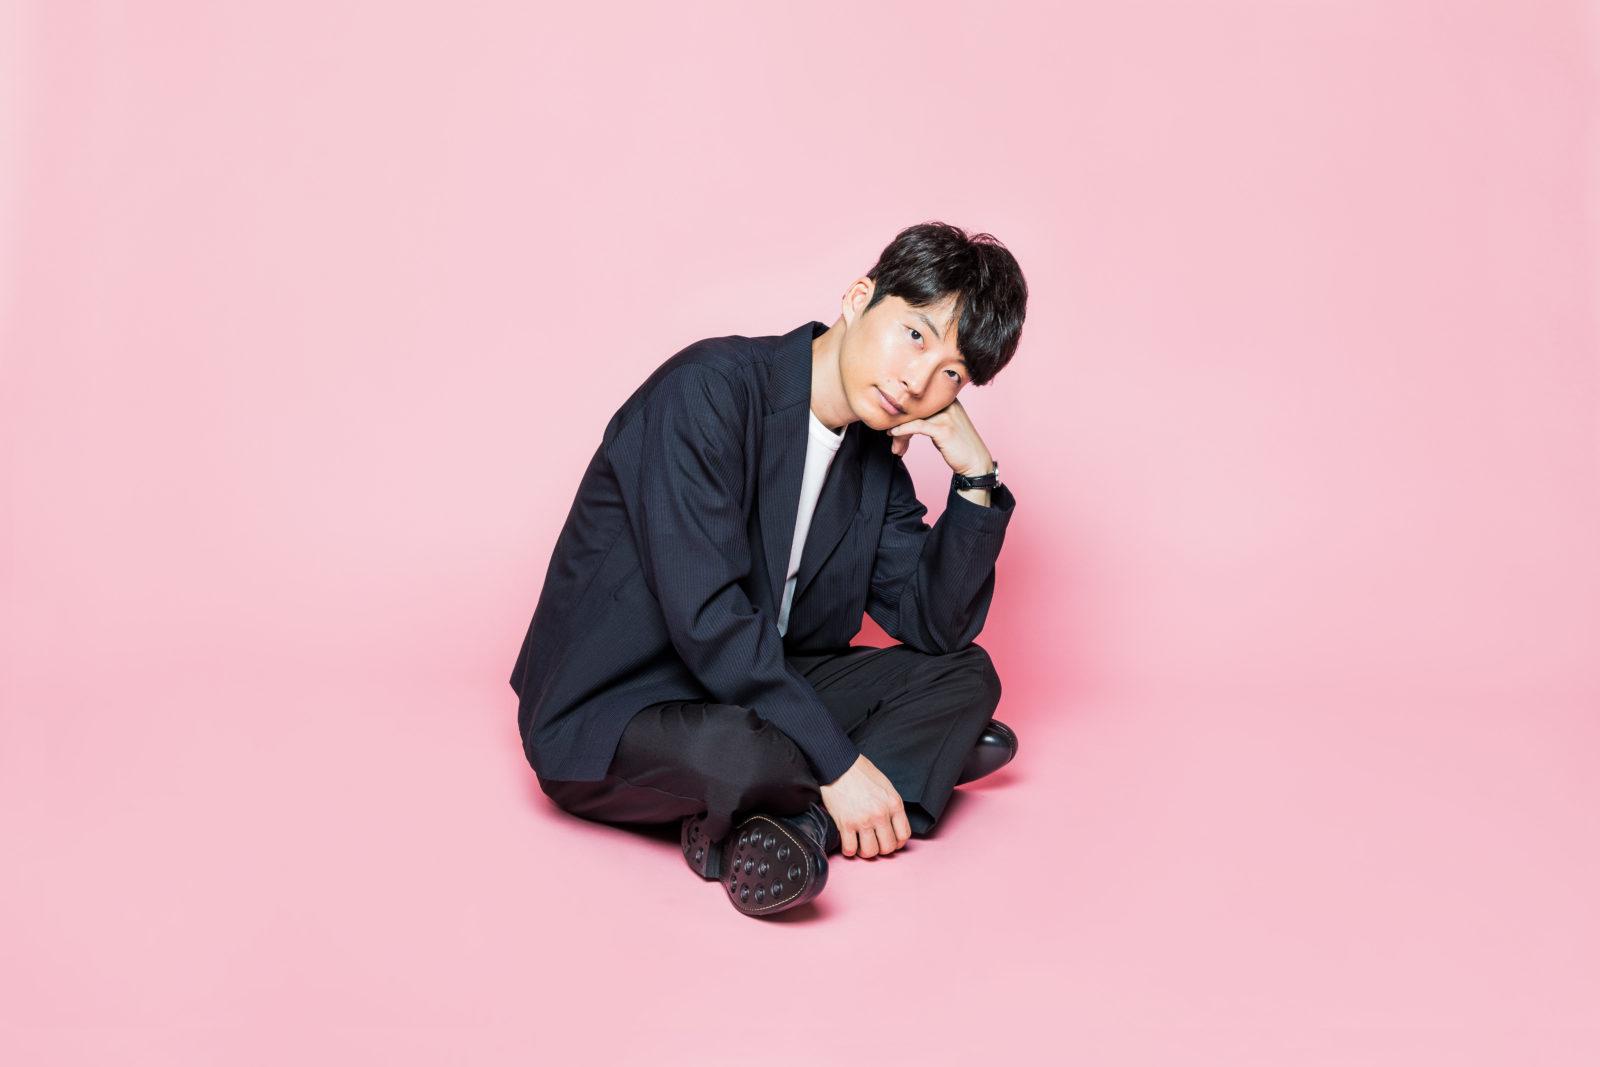 星野源、ニューシングル「Family Song」ミュージックビデオに高畑充希、藤井隆らが登場サムネイル画像